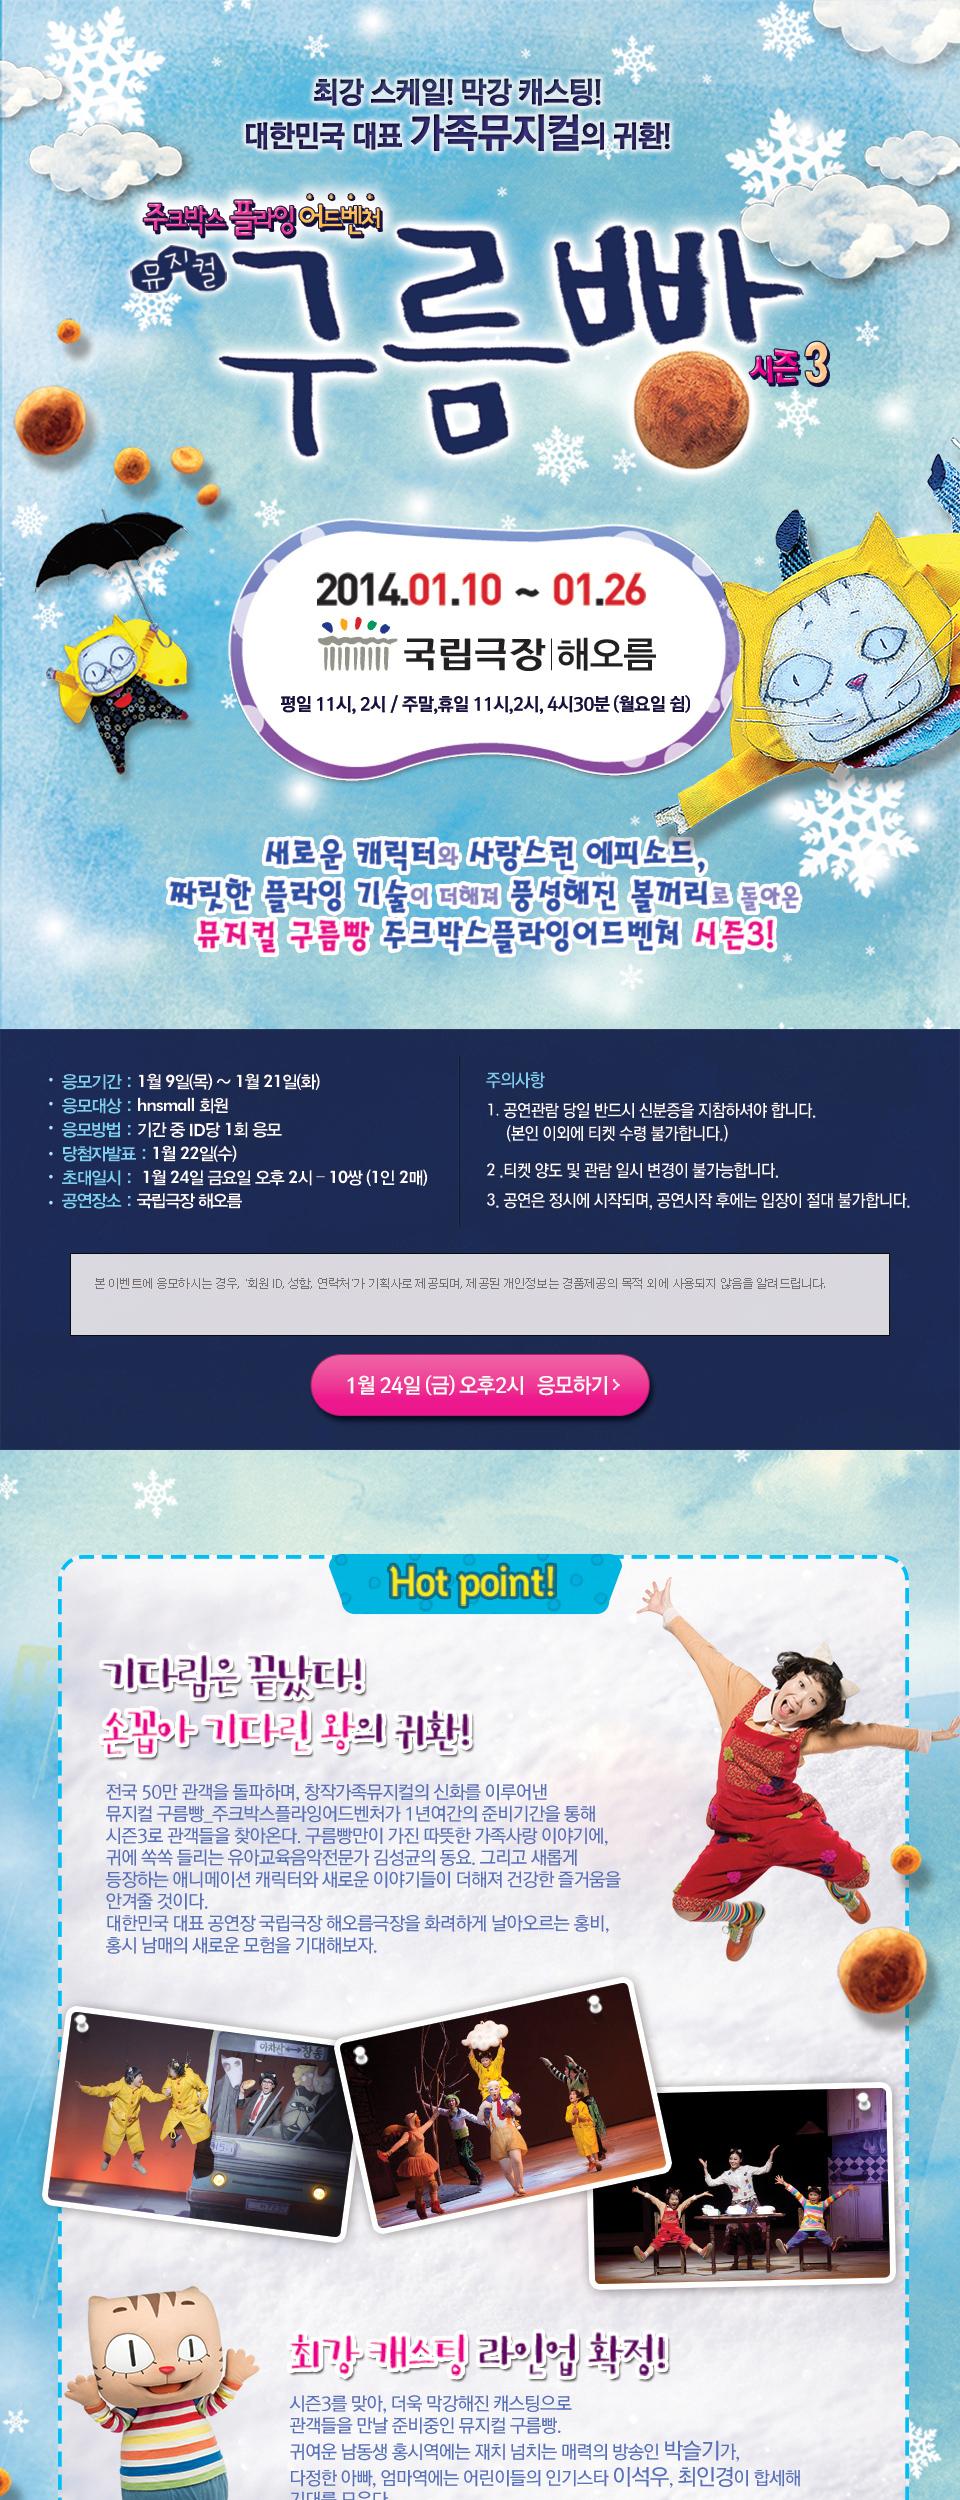 주크박스 플라잉 어드벤처 뮤지컬 구름빵 시즌 3